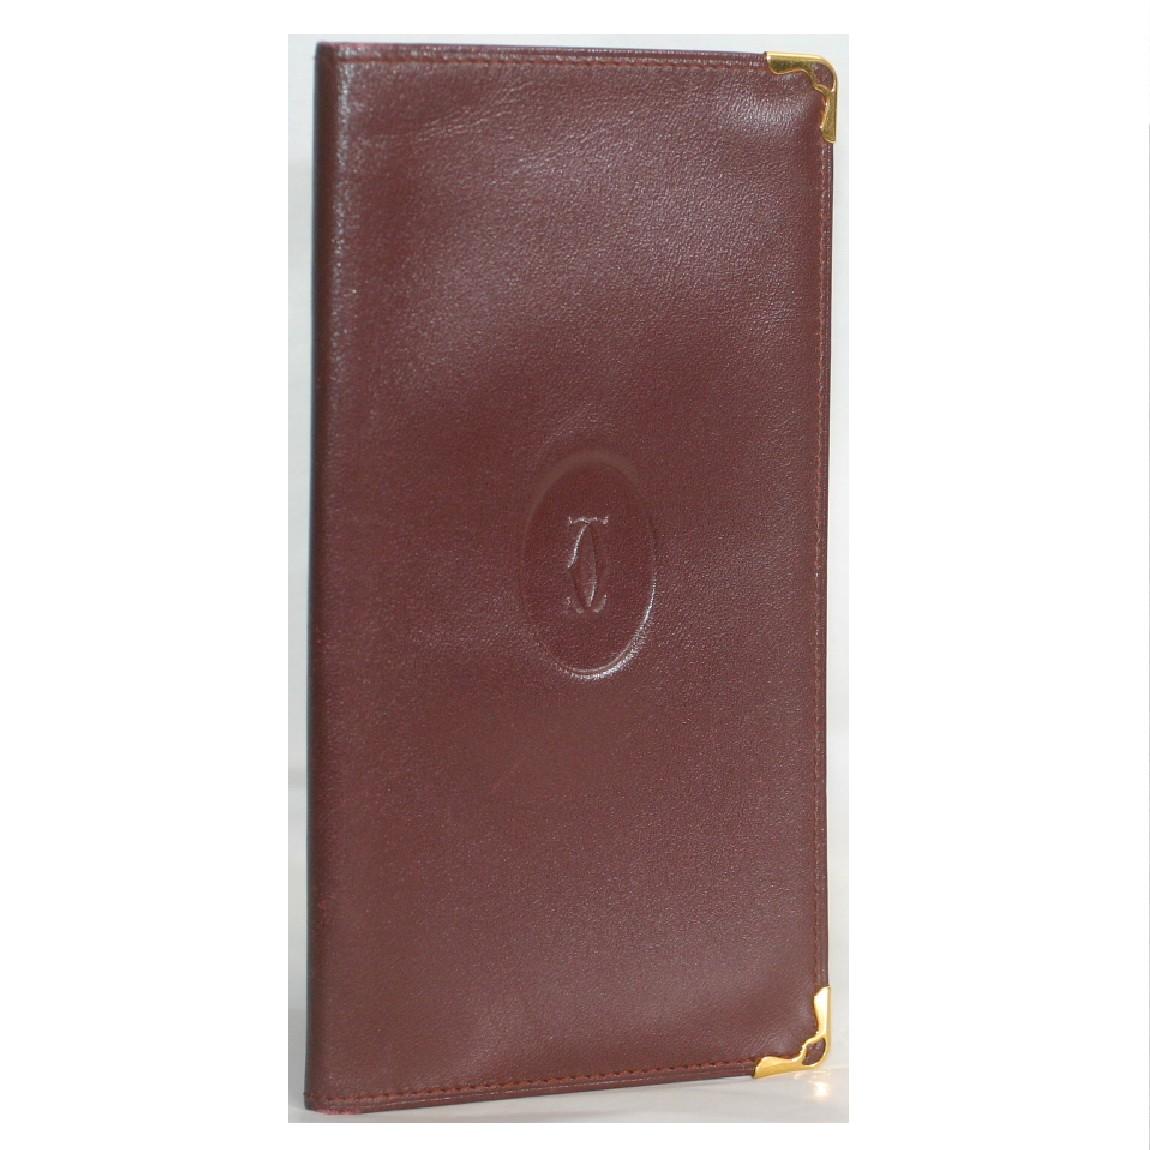 【中古】本物可カルティエ紳士用ボルドー色革素材長財布 サイズW9H17,5cm